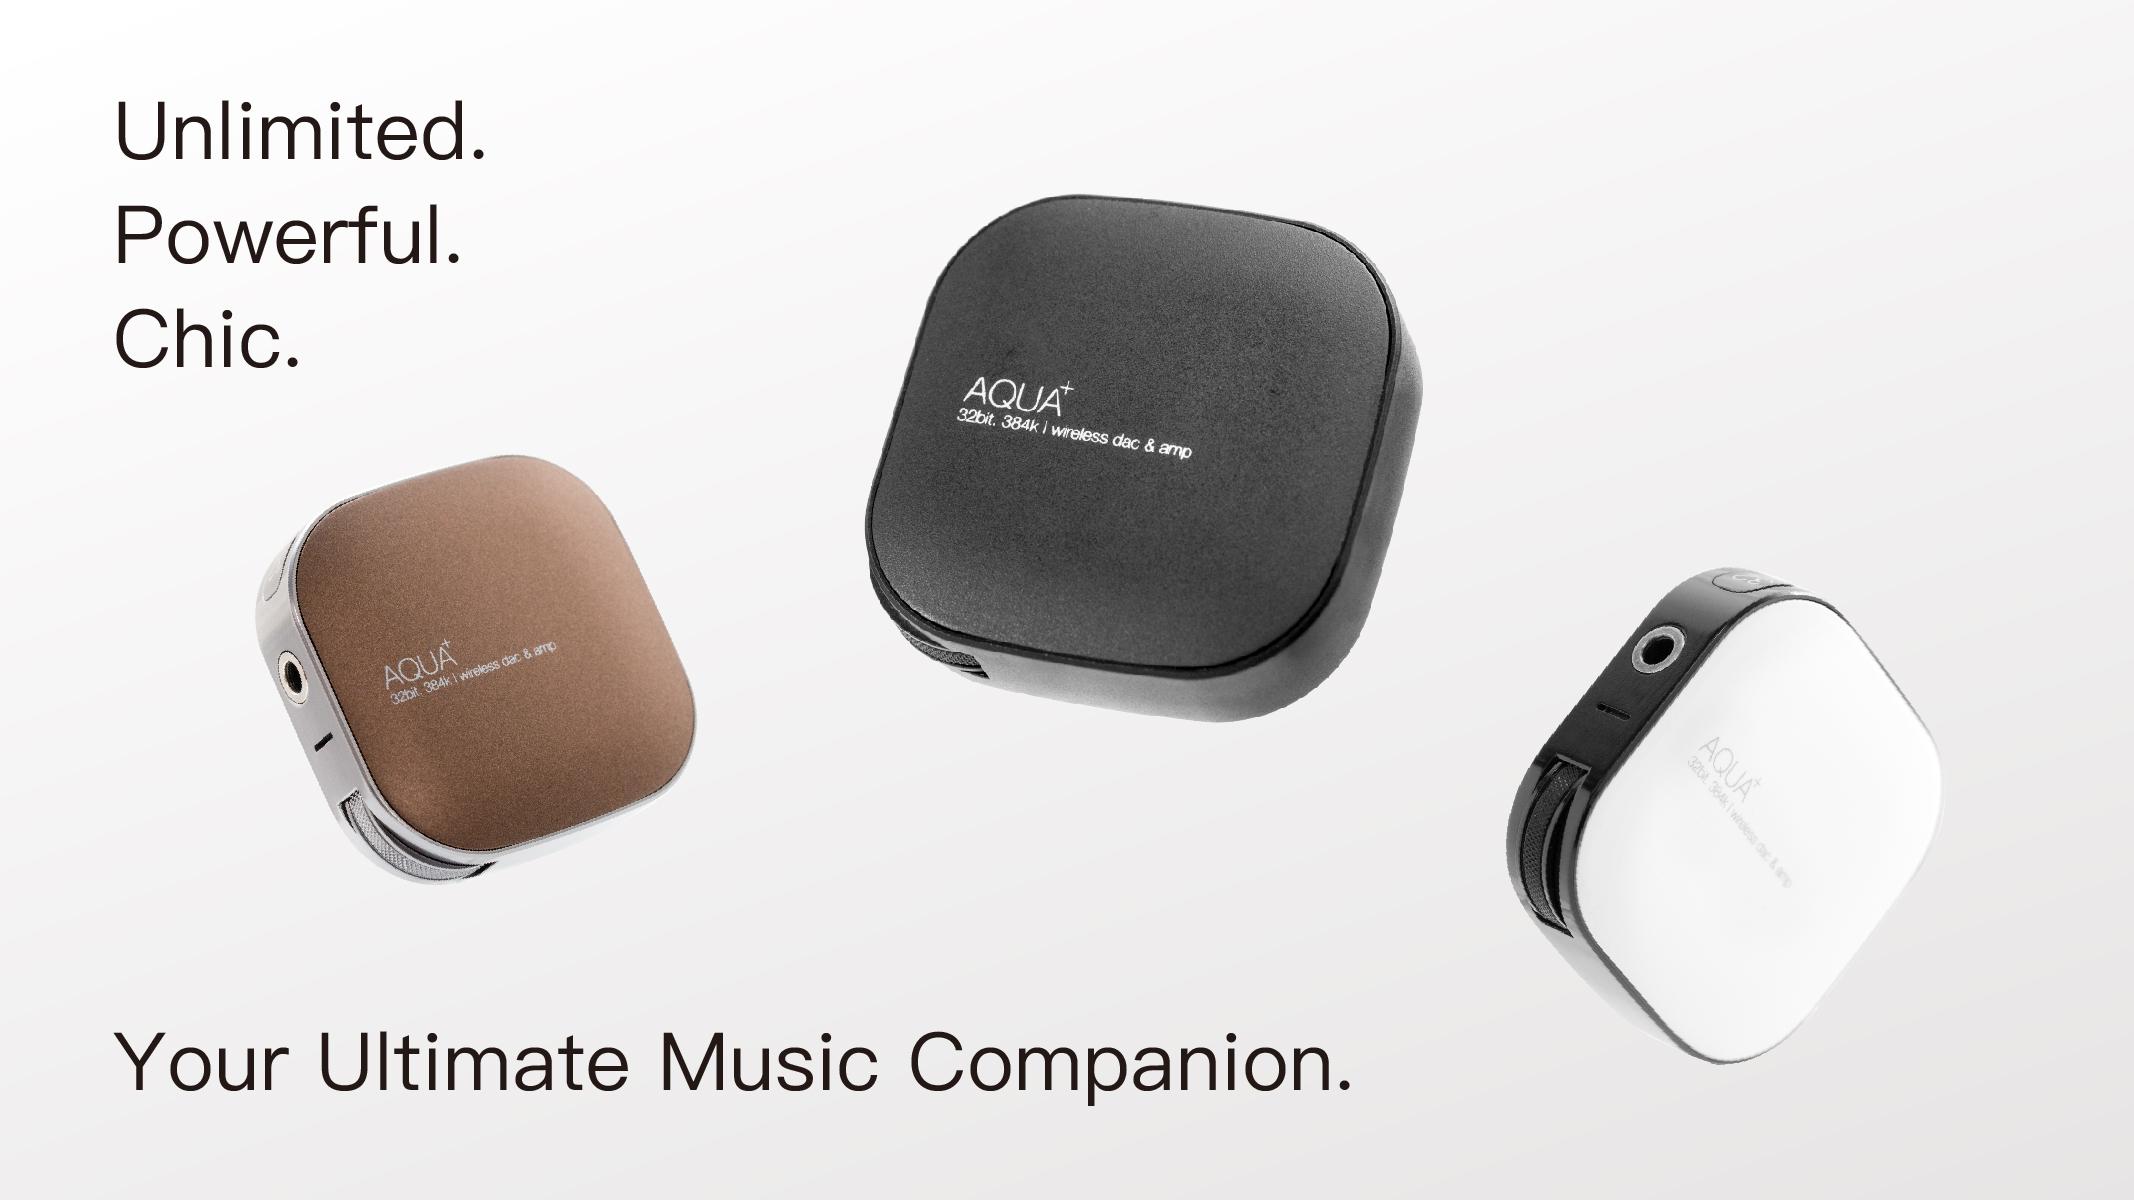 ガジェットのお気に入りのイヤフォンで最高のワイヤレス音楽体験を!32ビットワイヤレスヘッドホンアンプ「AQUA+(アクアプラス)」 #新製品 #イヤフォン #Bluetooth #Hi-Fi #Greenfunding #jpt